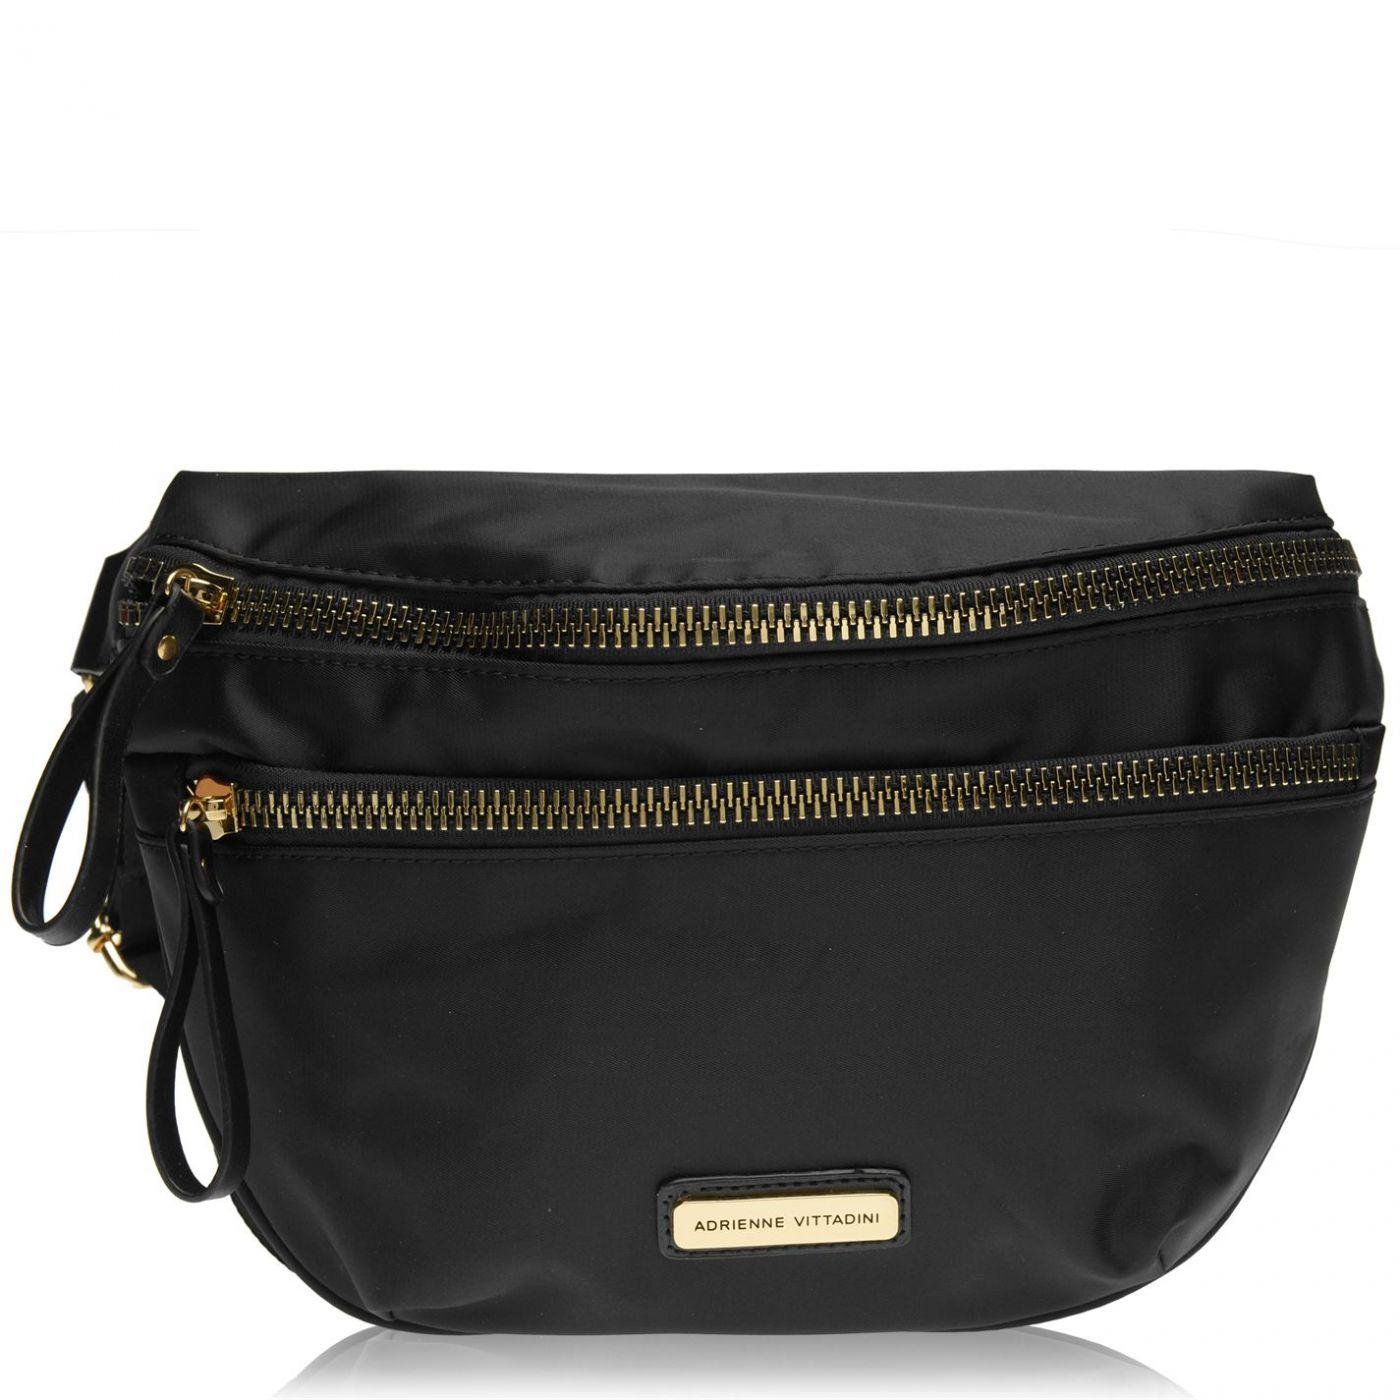 Adrienne Vittadini Belt Bag